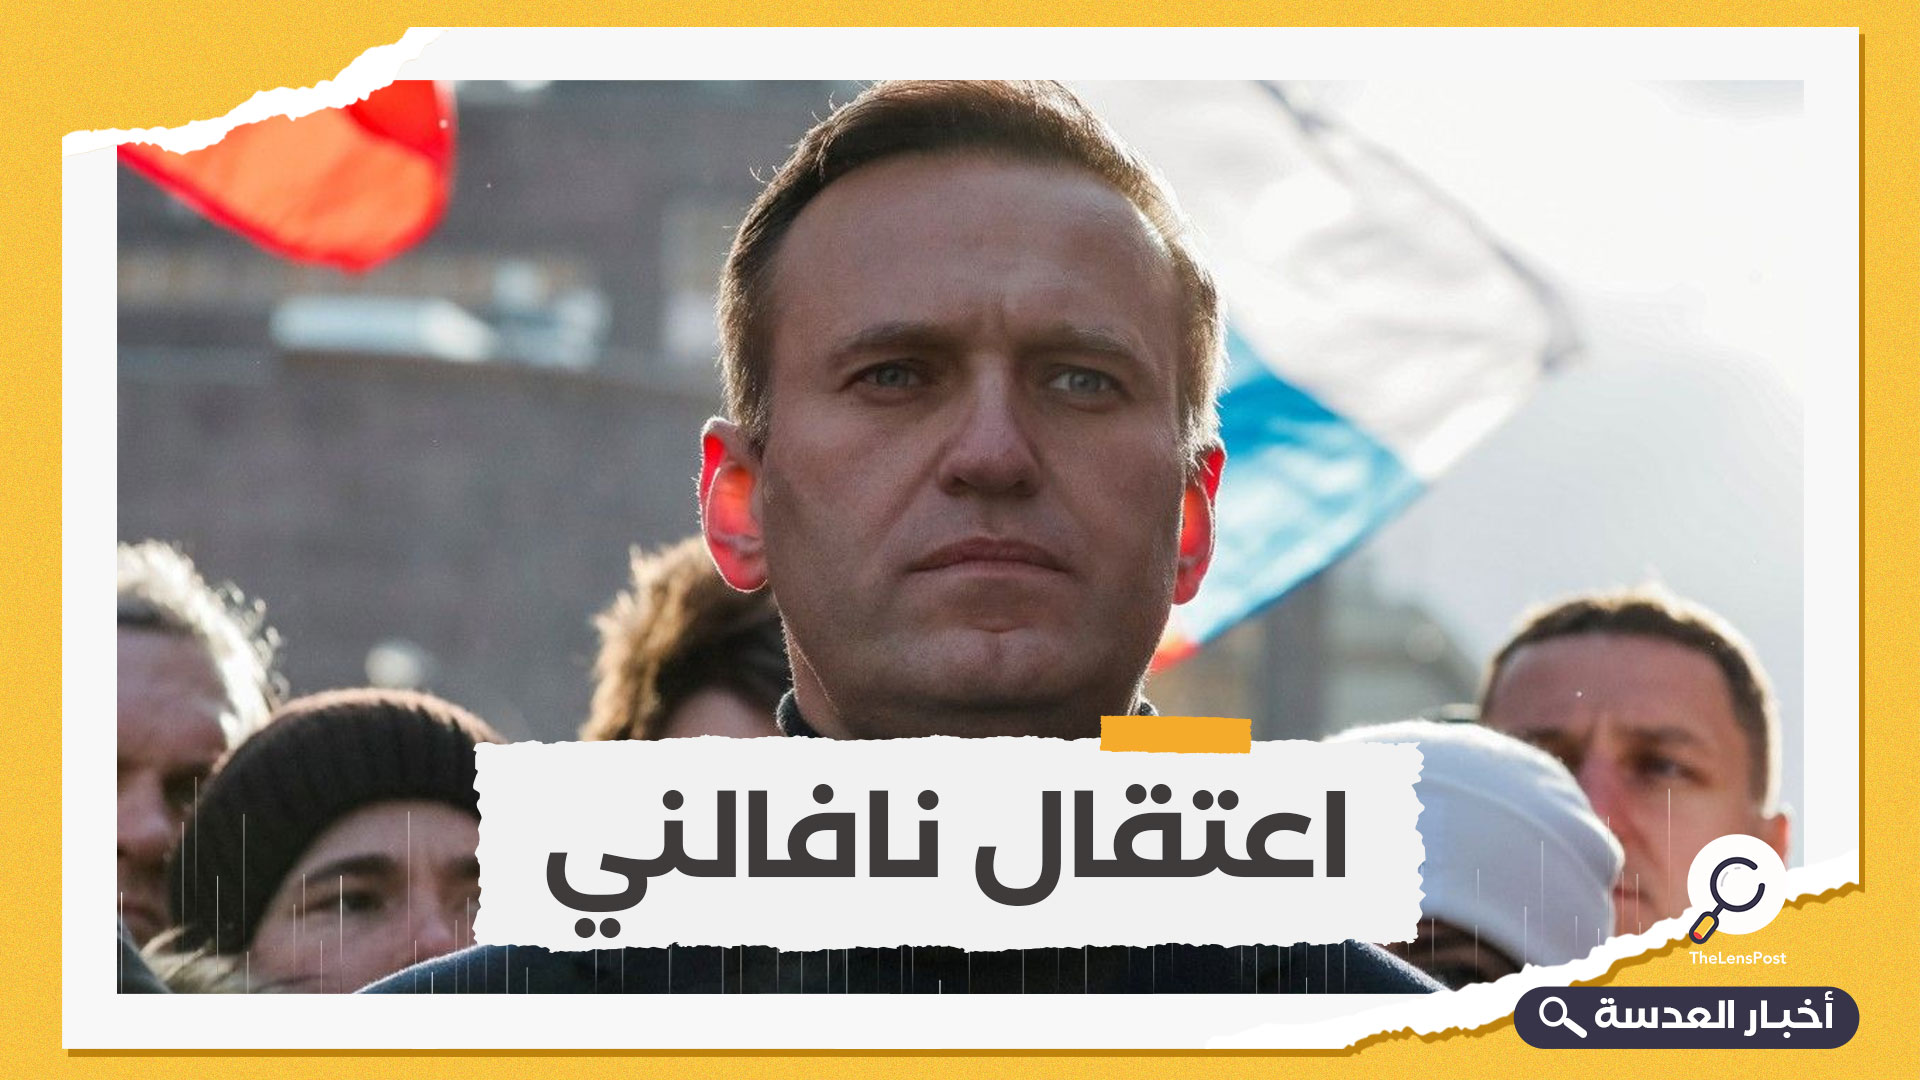 """روسيا تعتقل المعارض """"أليكس نافالني"""" بعد عودته من ألمانيا"""